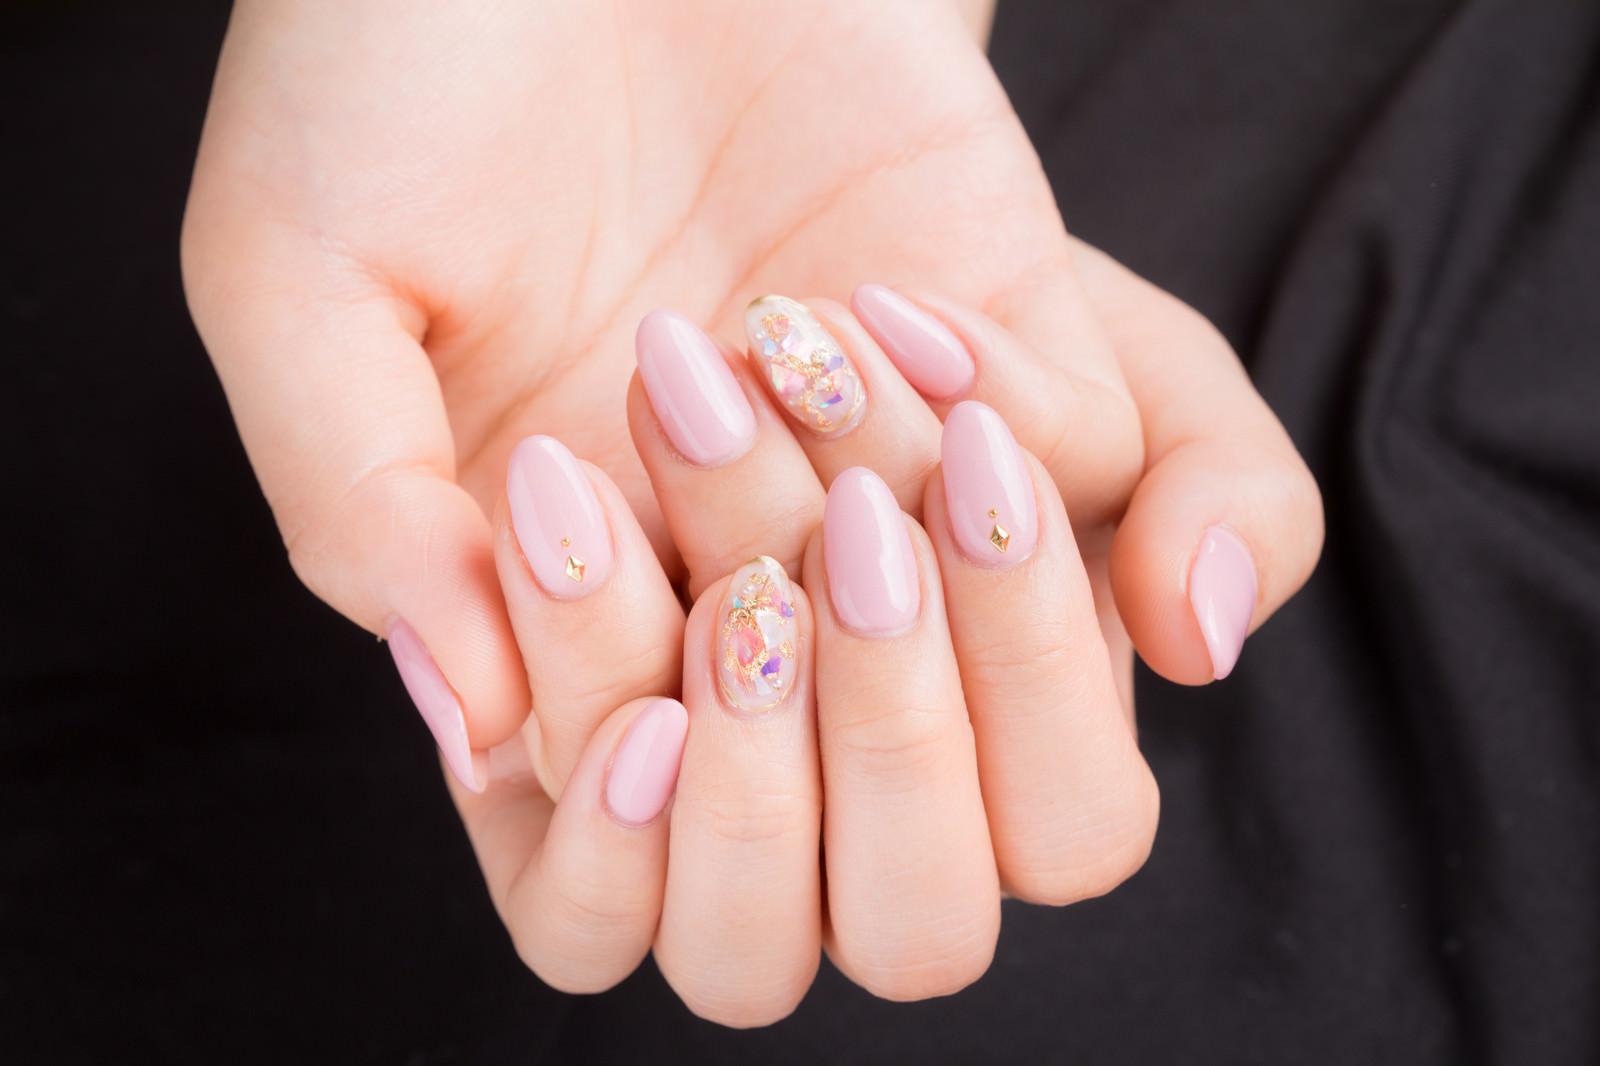 「ネイルピンクの上品な爪」の写真